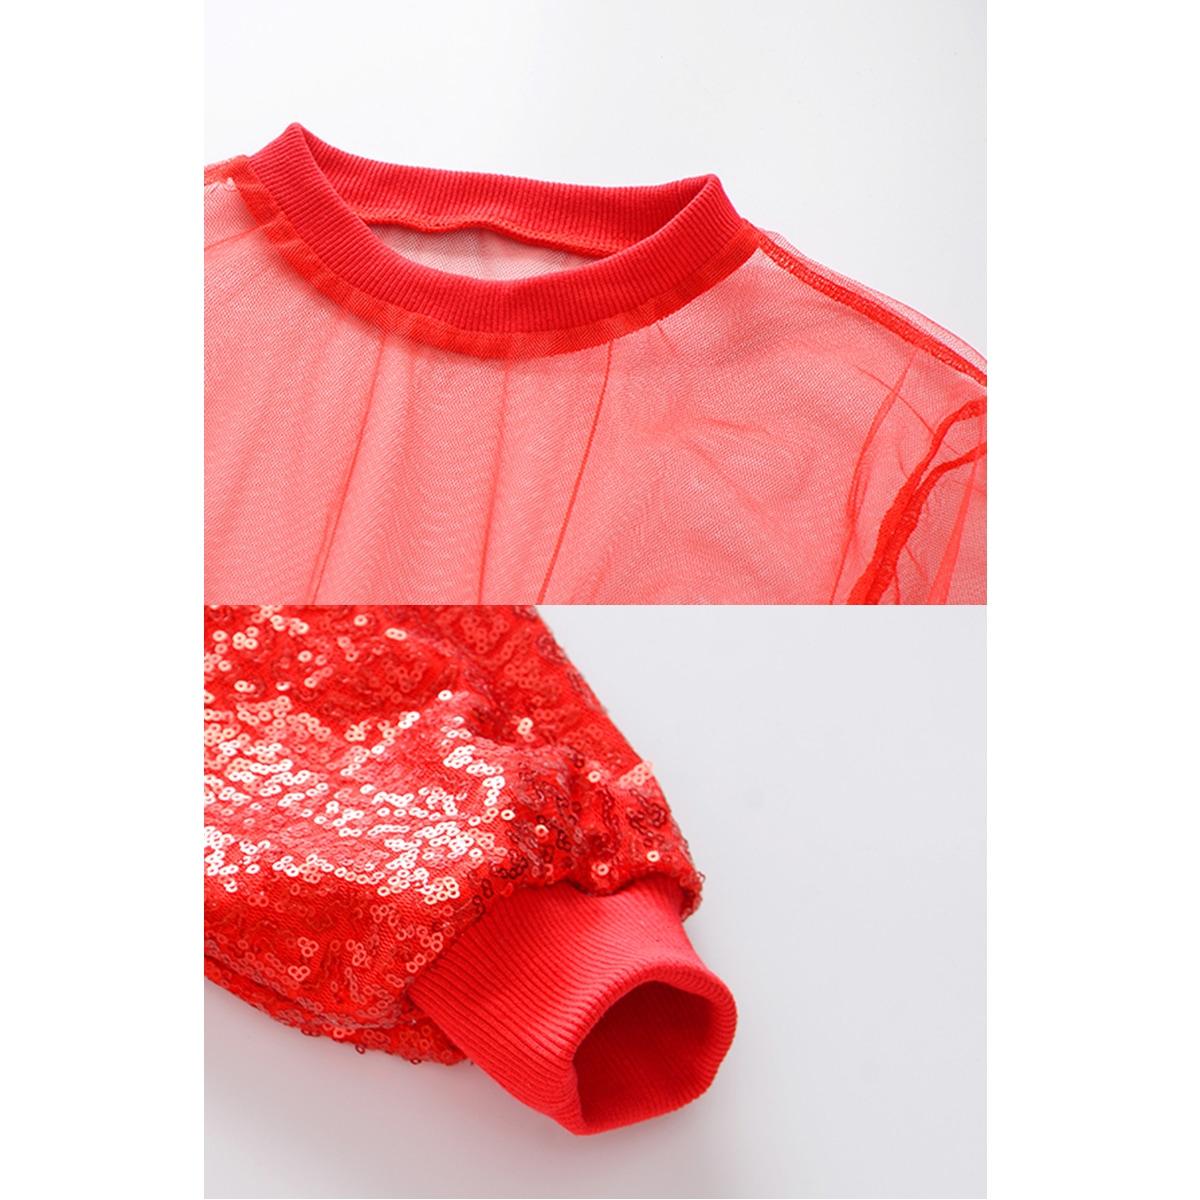 キッズダンス衣装 スパンコール 上下セット レッド  赤 トップス